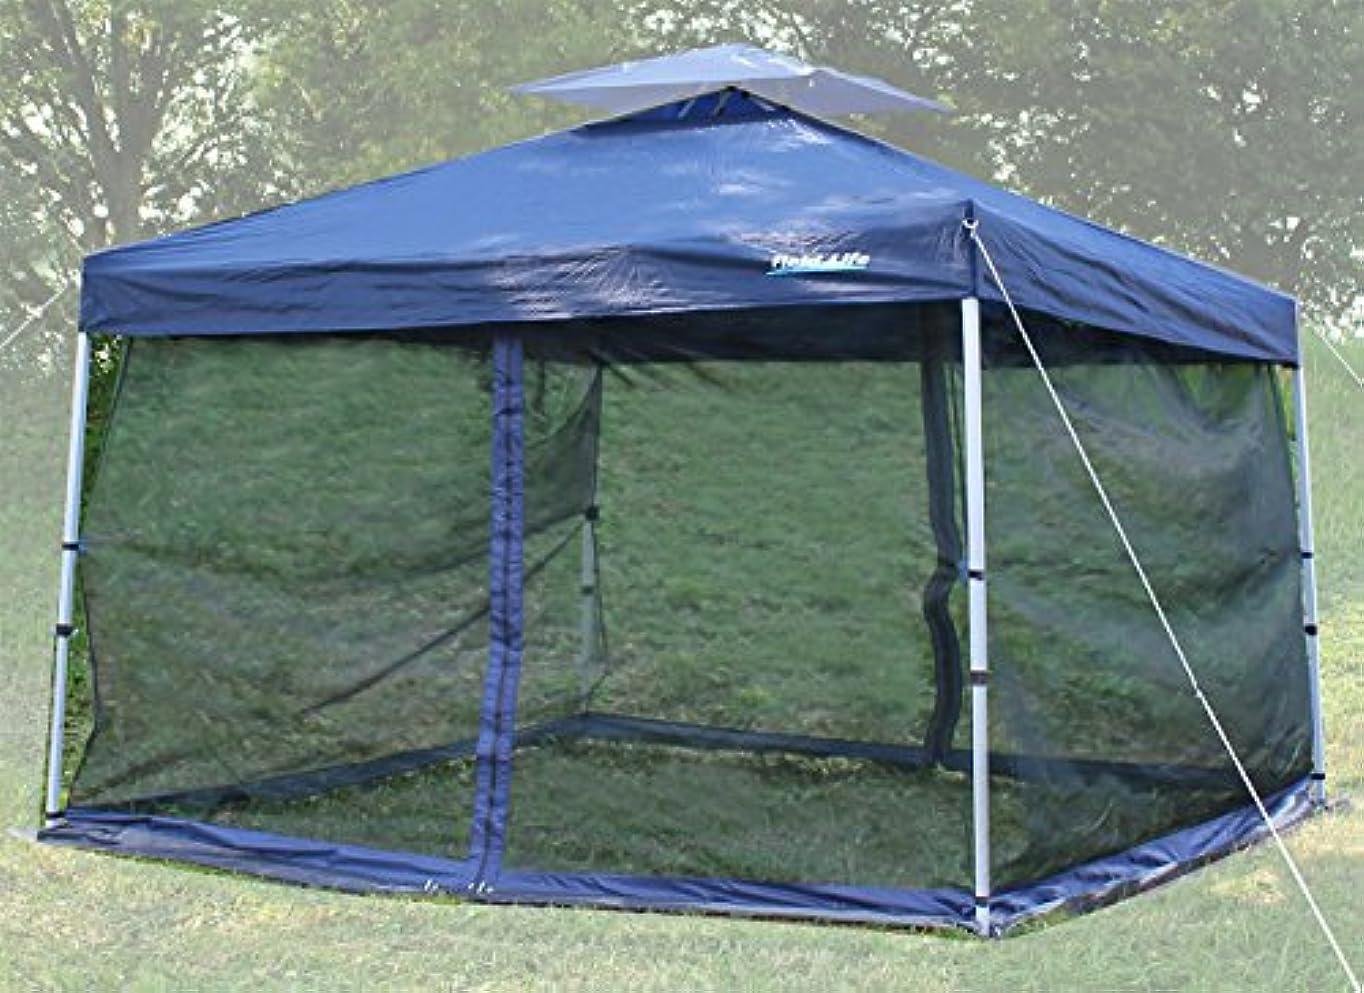 フェロー諸島降伏予定Field Life 300サイズテント用メッシュテントスクリーン【蚊帳】簡易テント オプション 開閉可能